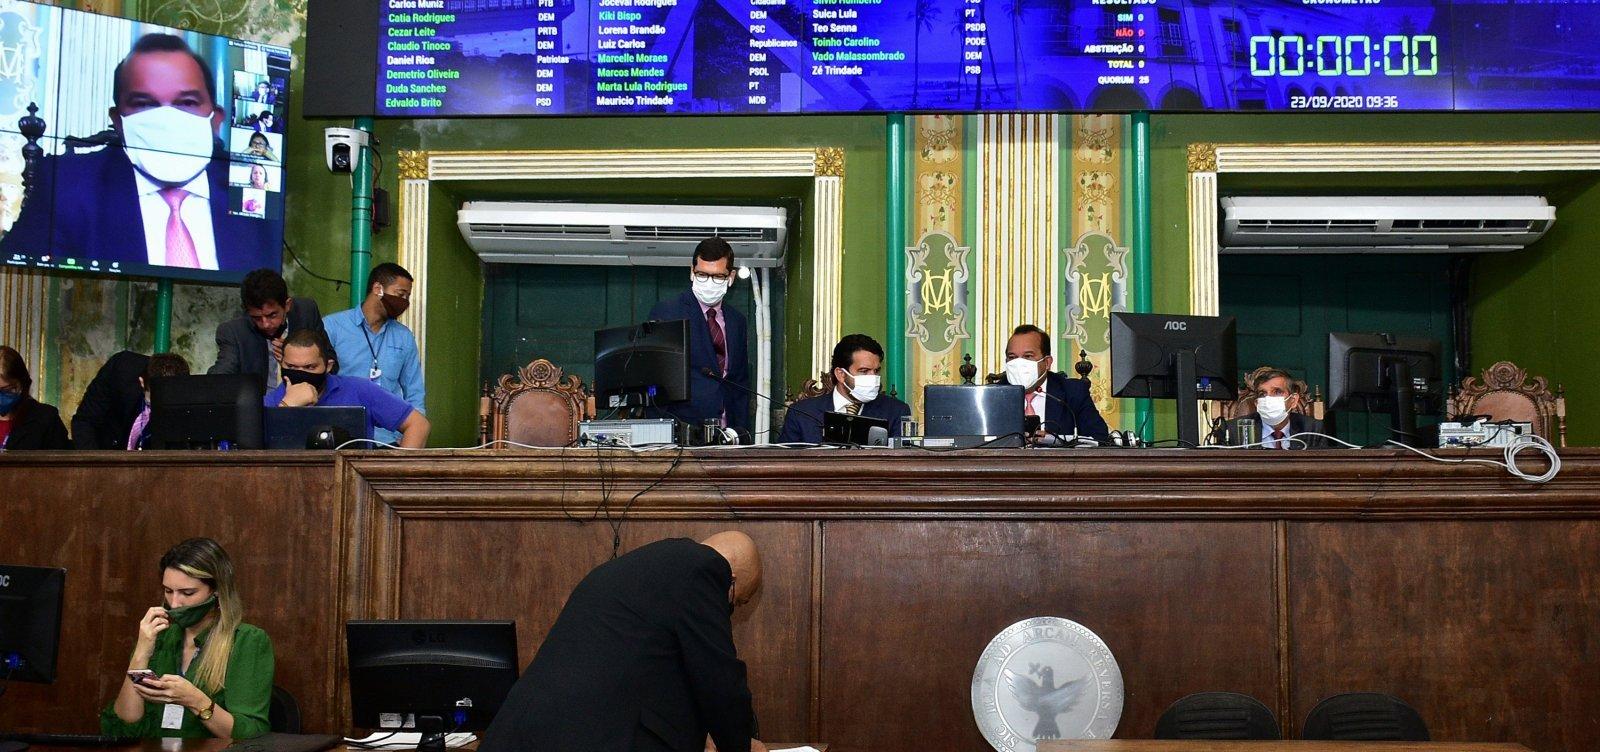 Câmara Municipal de Salvador define comissões